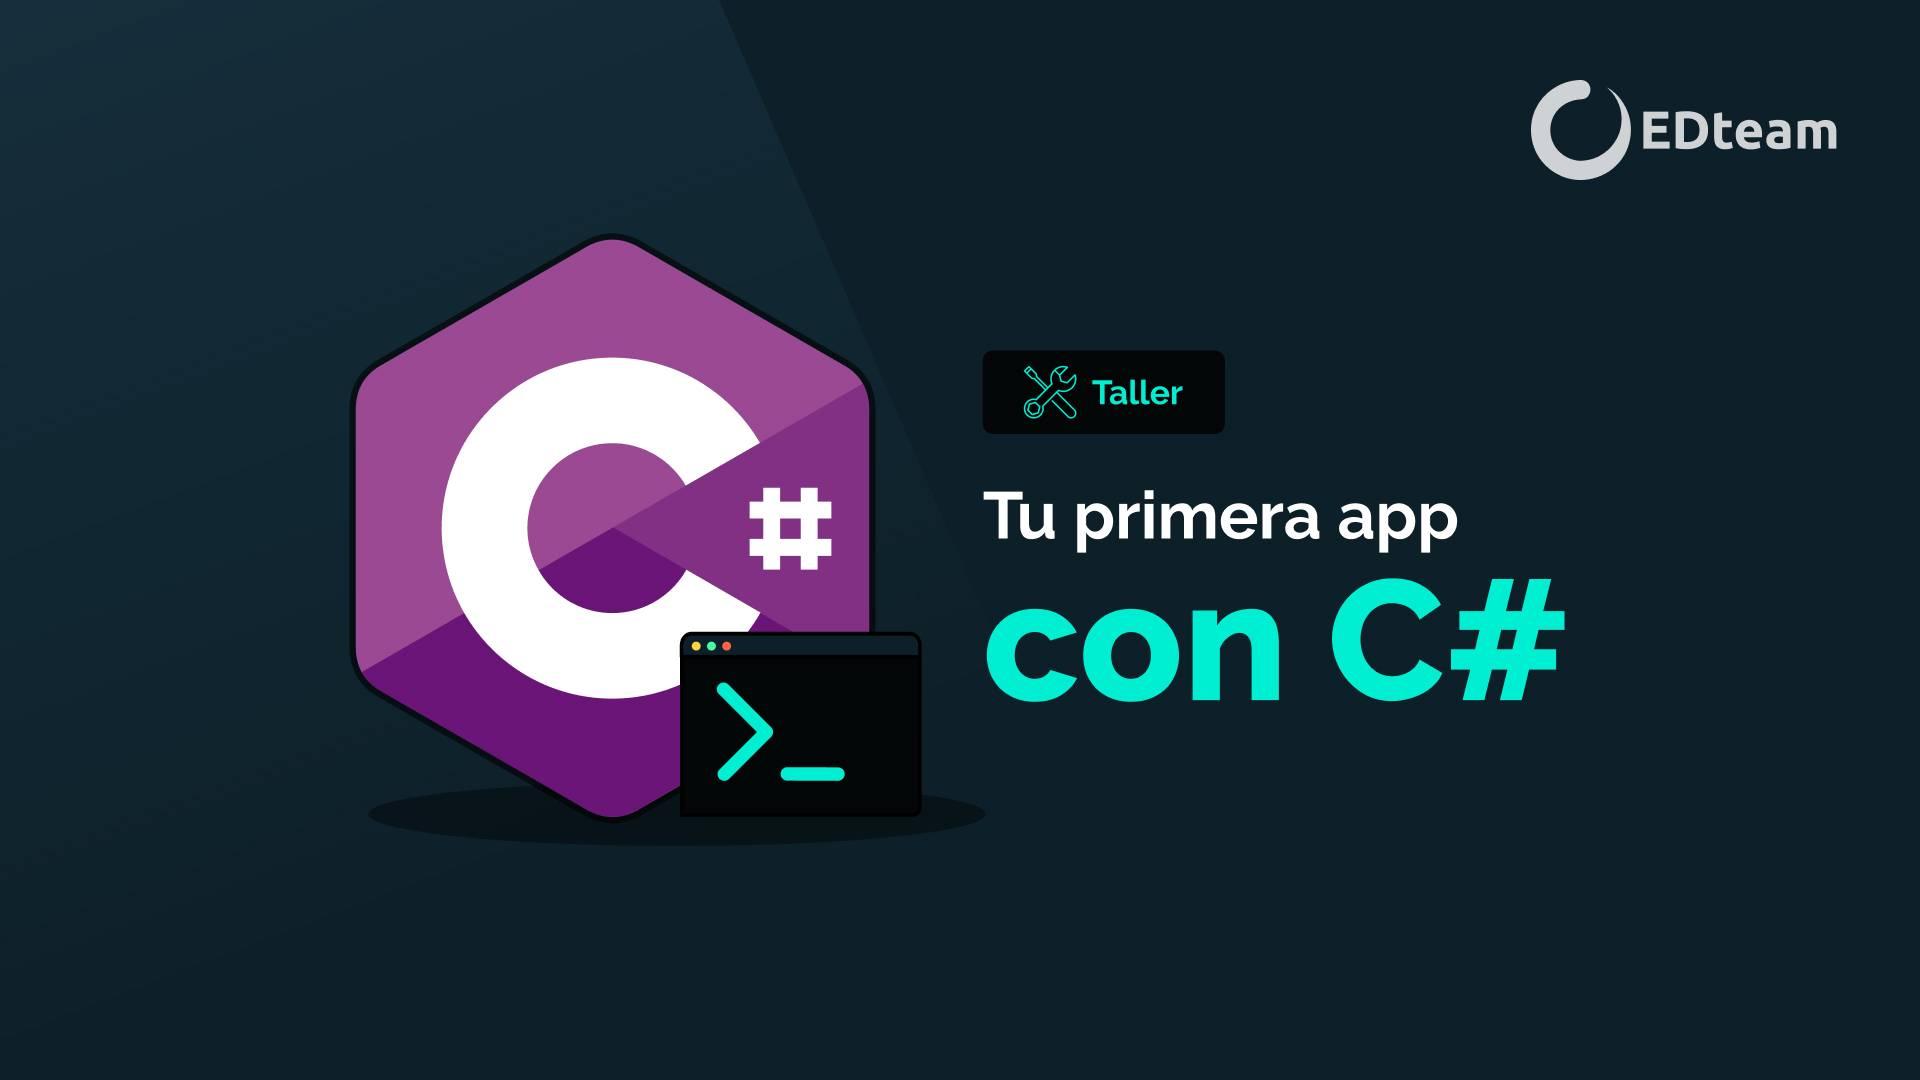 Tu primera app con C#